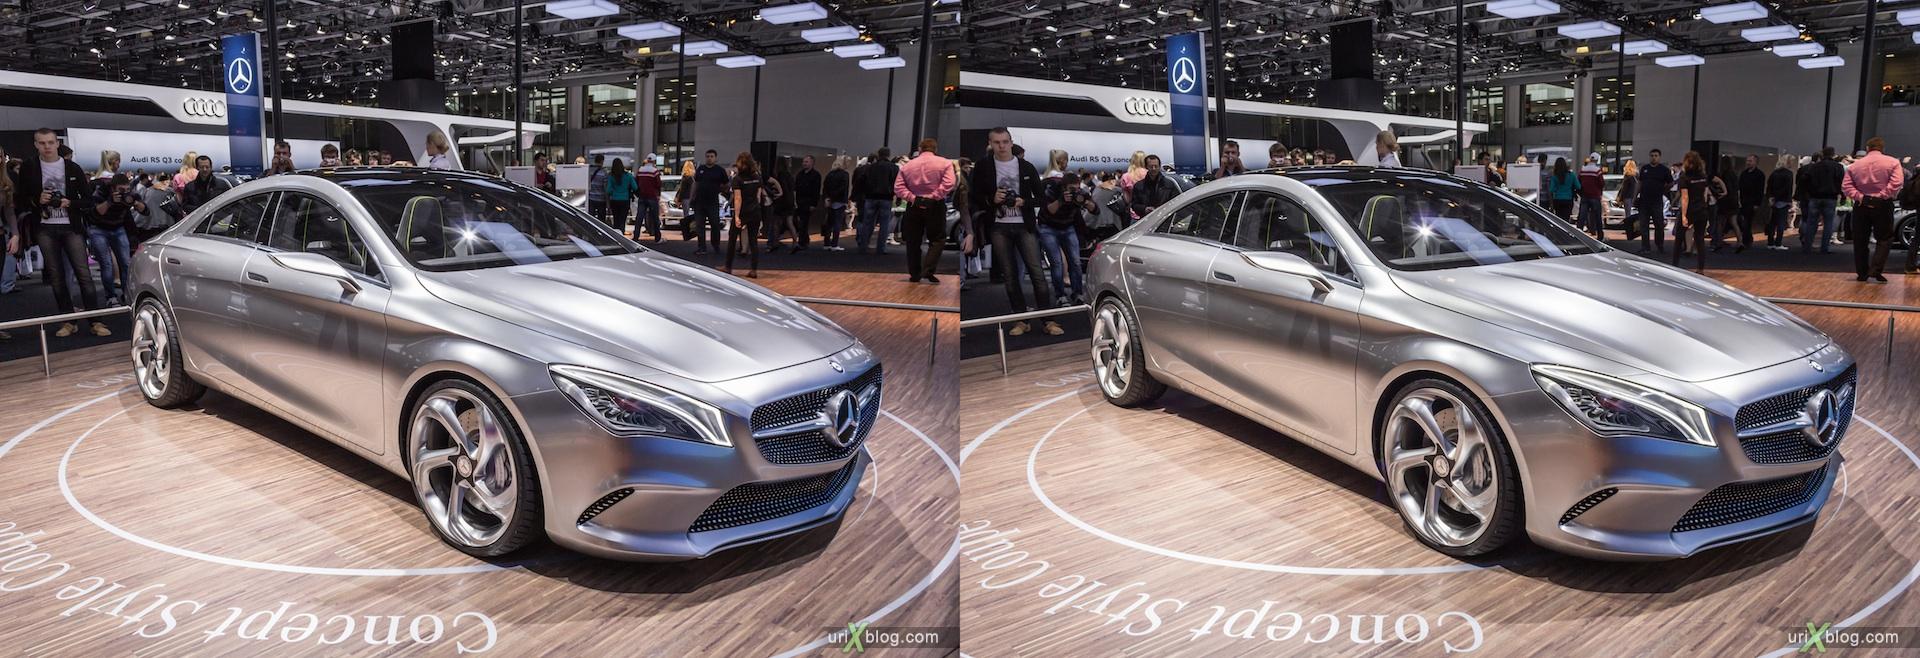 2012, Mercedes Benz Style Coupe, Московский международный автомобильный салон, ММАС, Крокус Экспо, 3D, стереопара